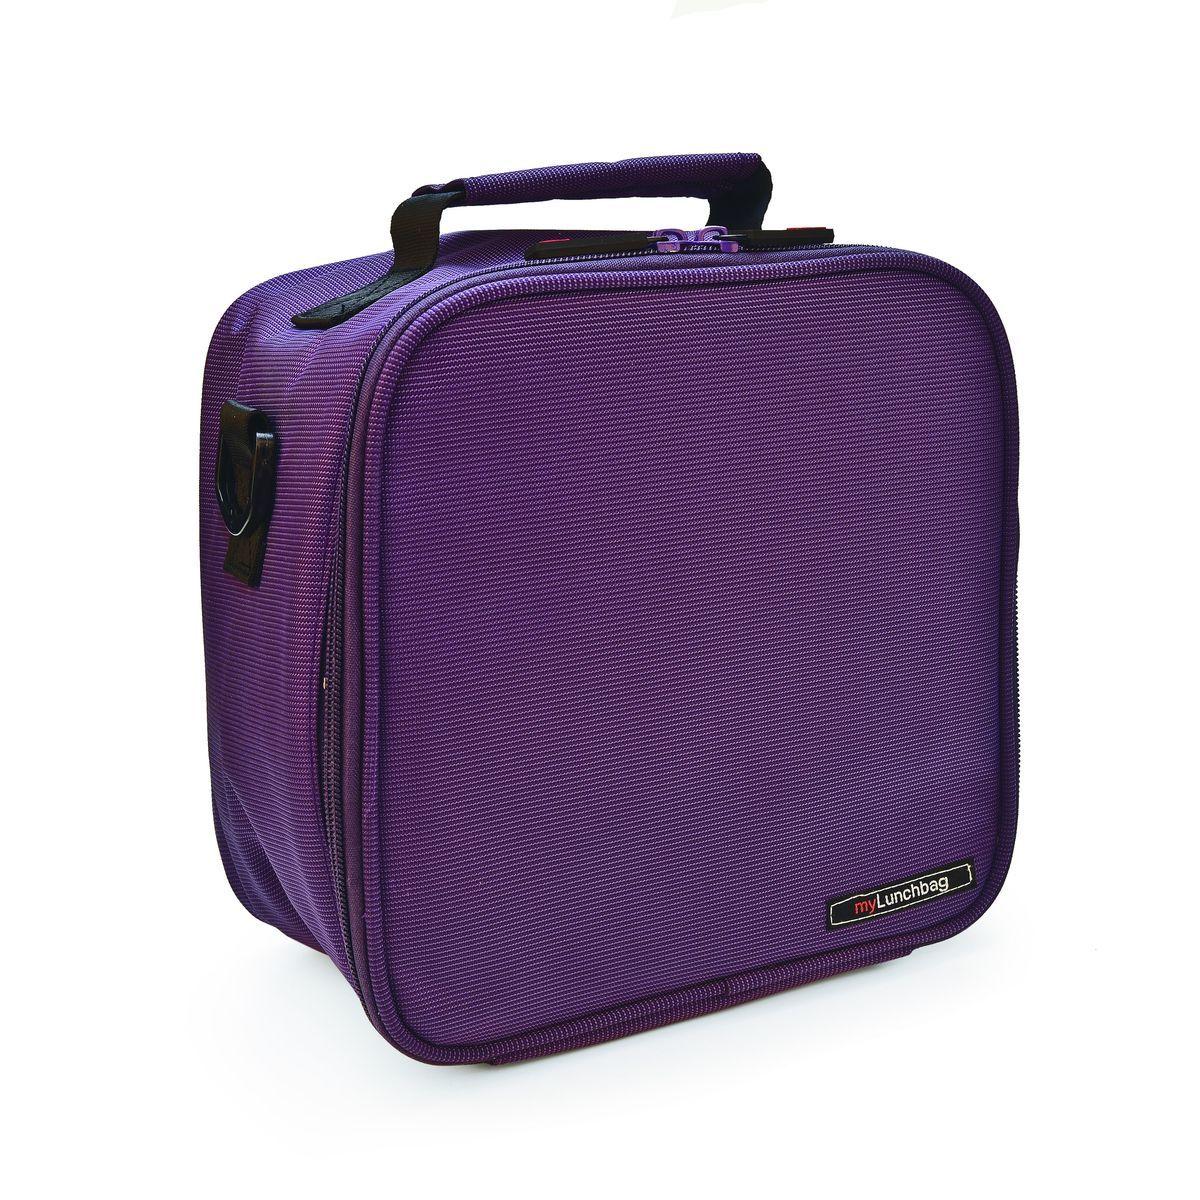 Ланч-бокс Iris Basic MyLunchbag, цвет: фиолетовый, 3,8 л термосумка для ланч бокса iris barcelona basic mylunchbag цвет оранжевый